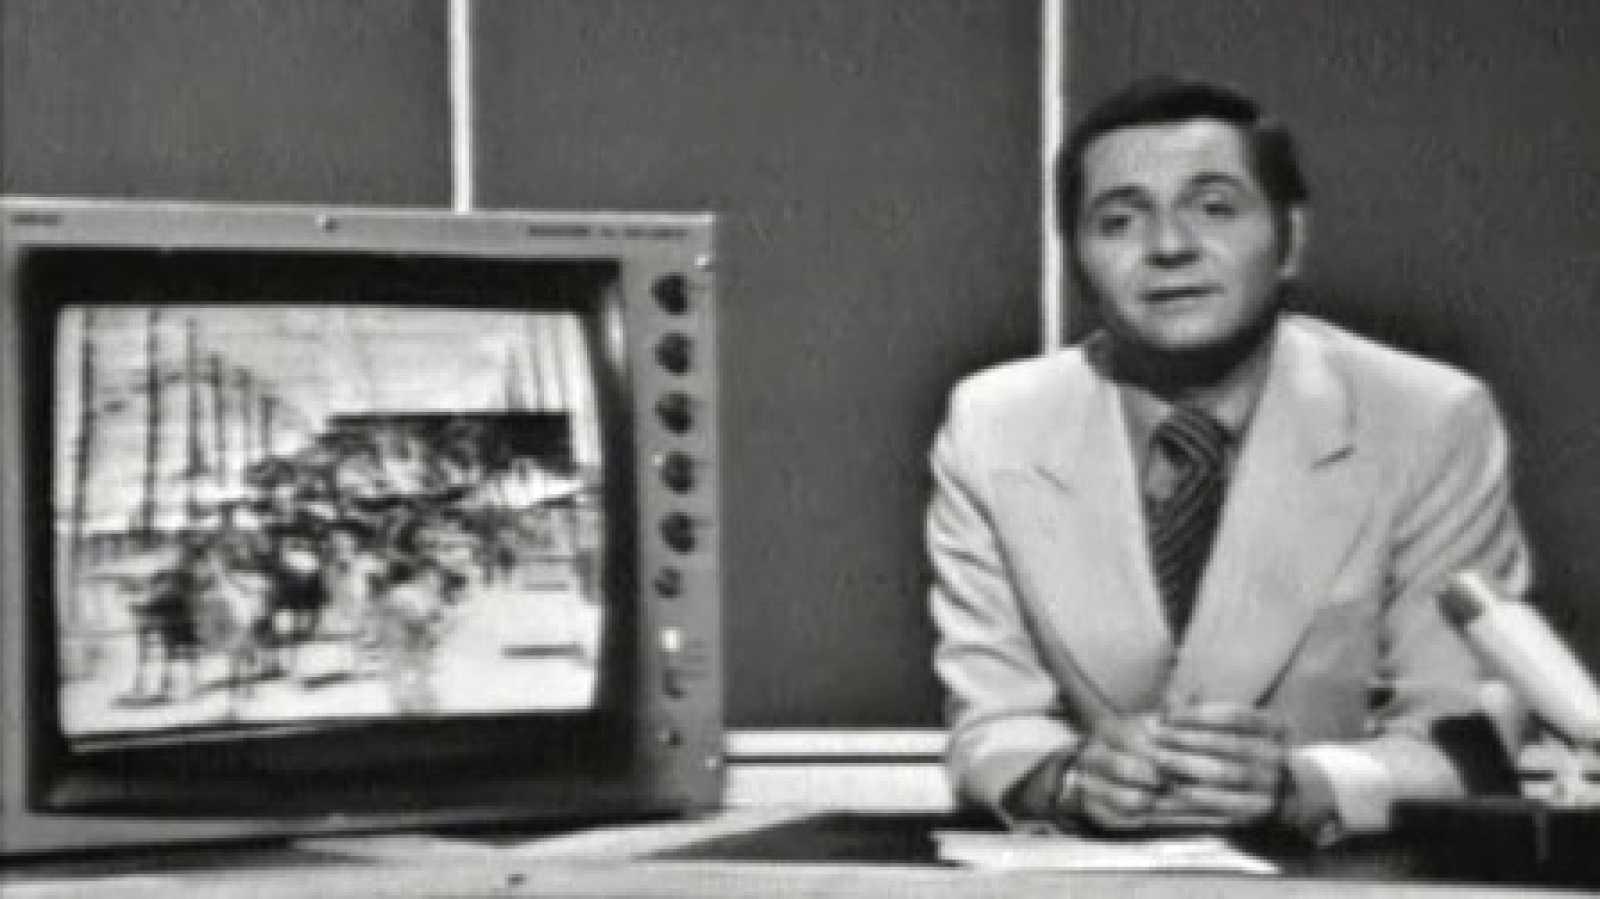 El estreno del nuevo plató del Telediario nos sirve para repasar cómo ha cambiado la imagen de los informativos